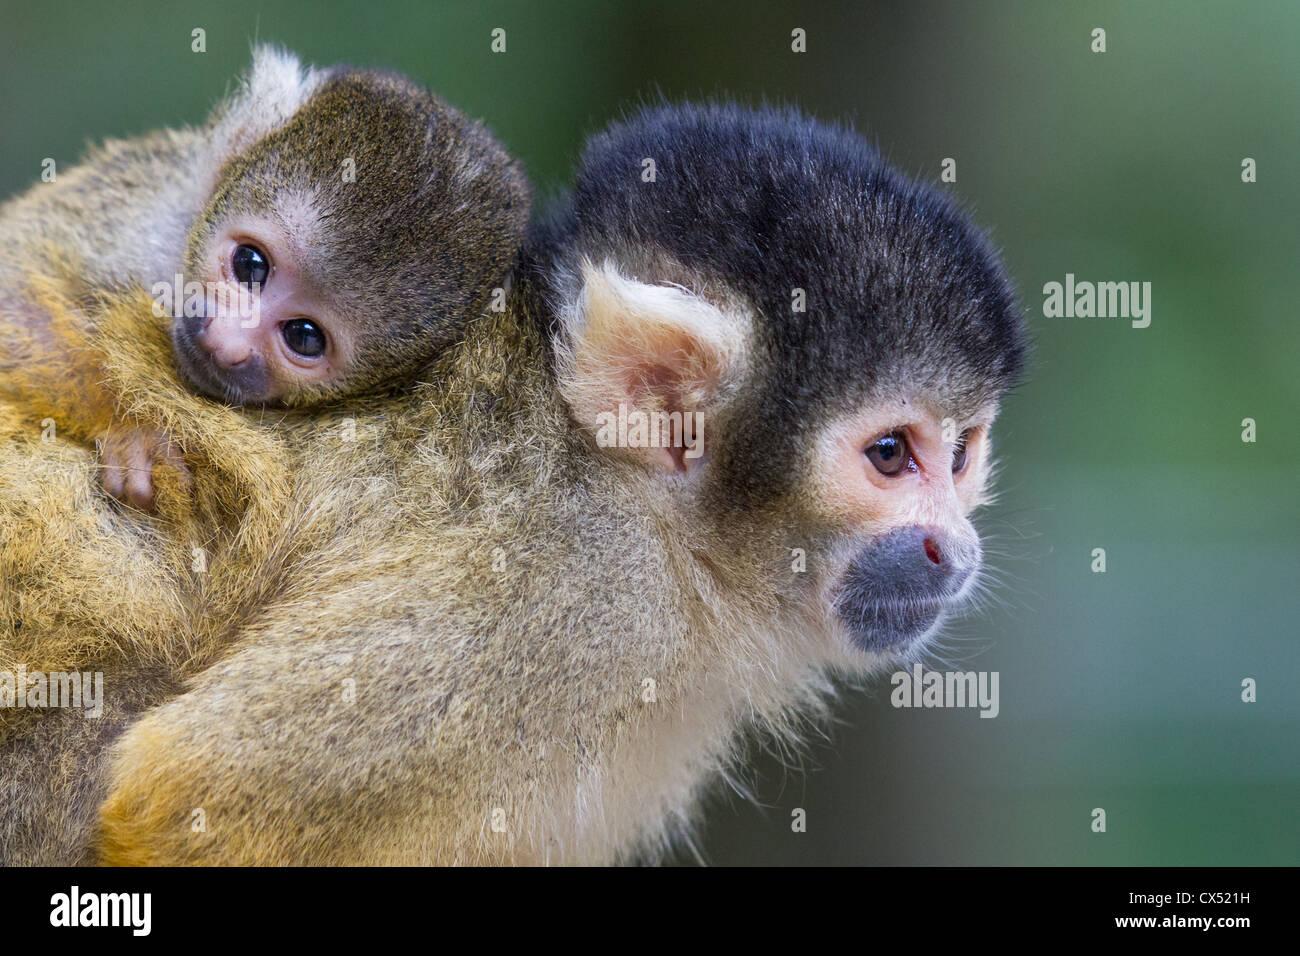 Femmina scoiattolo boliviana di scimmia (Saimiri boliviensis) portante i giovani sulla sua schiena. Immagini Stock